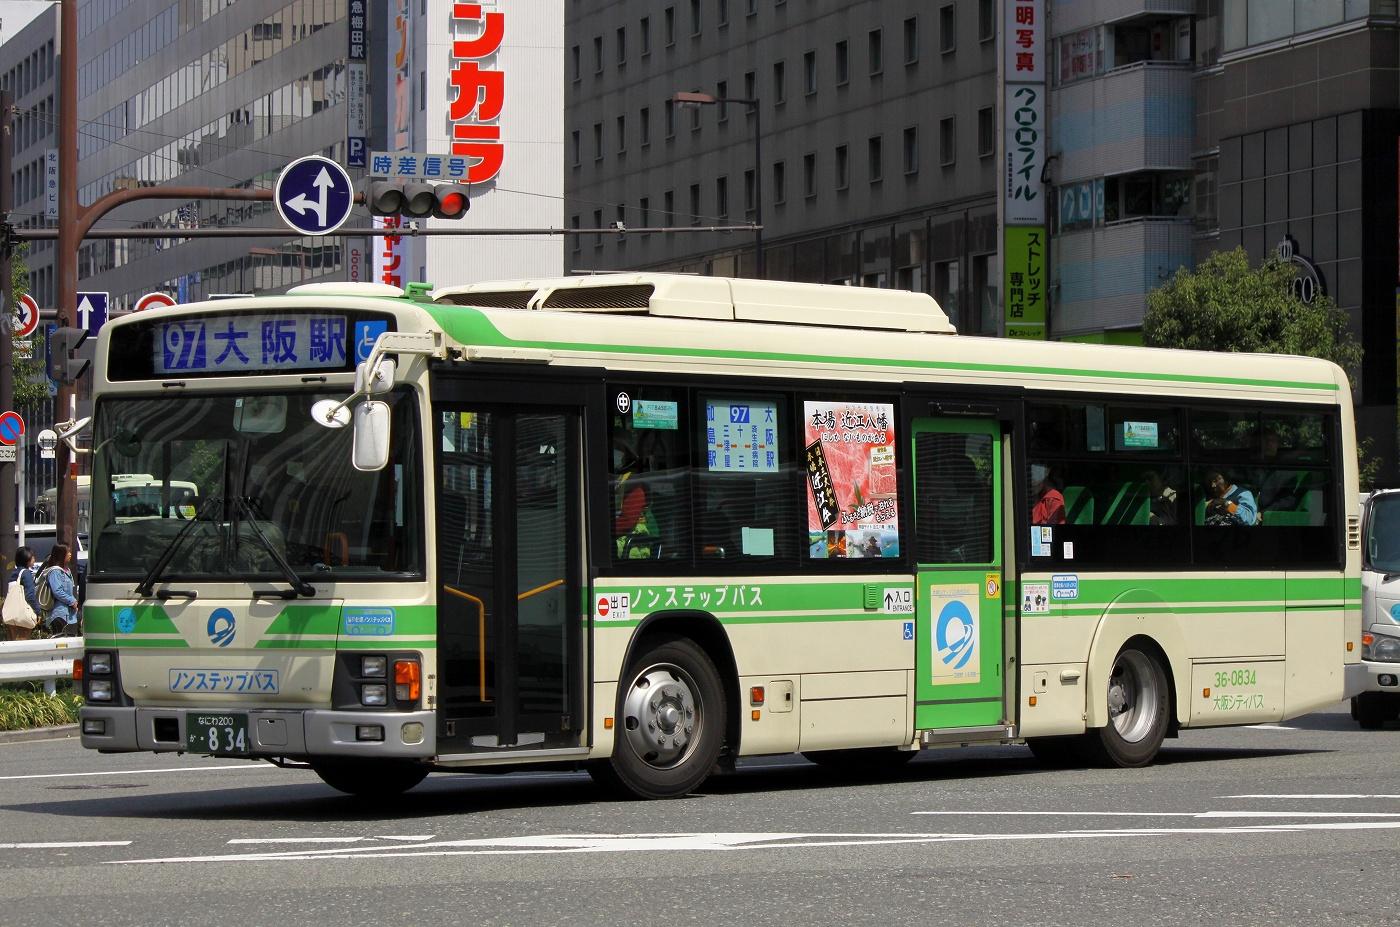 大阪シティバス 36-0834 - バス...